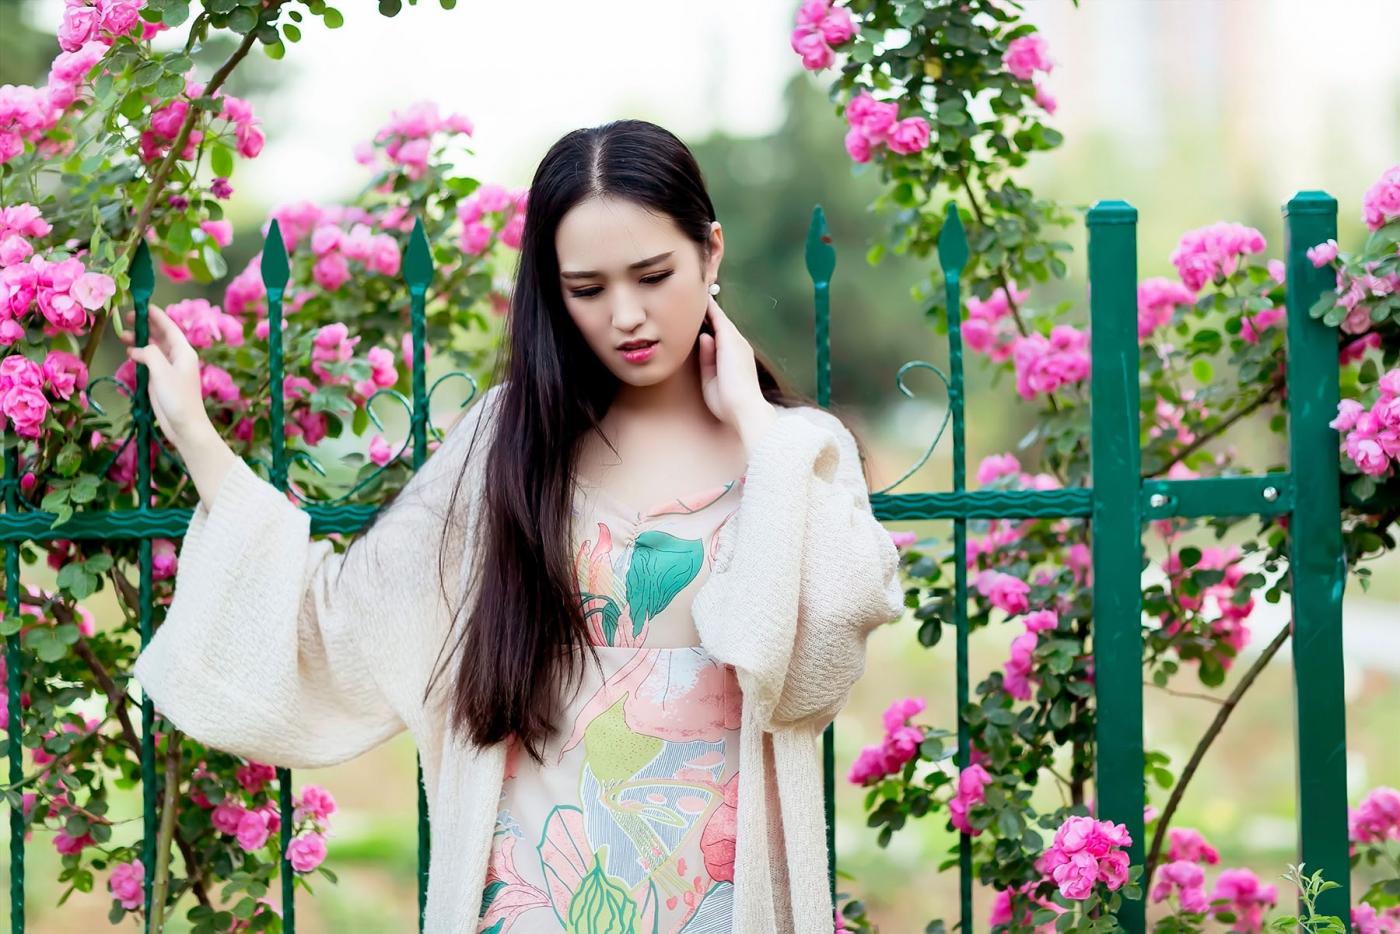 蔷薇·阳光·女孩 去见你想见的人吧_图1-23